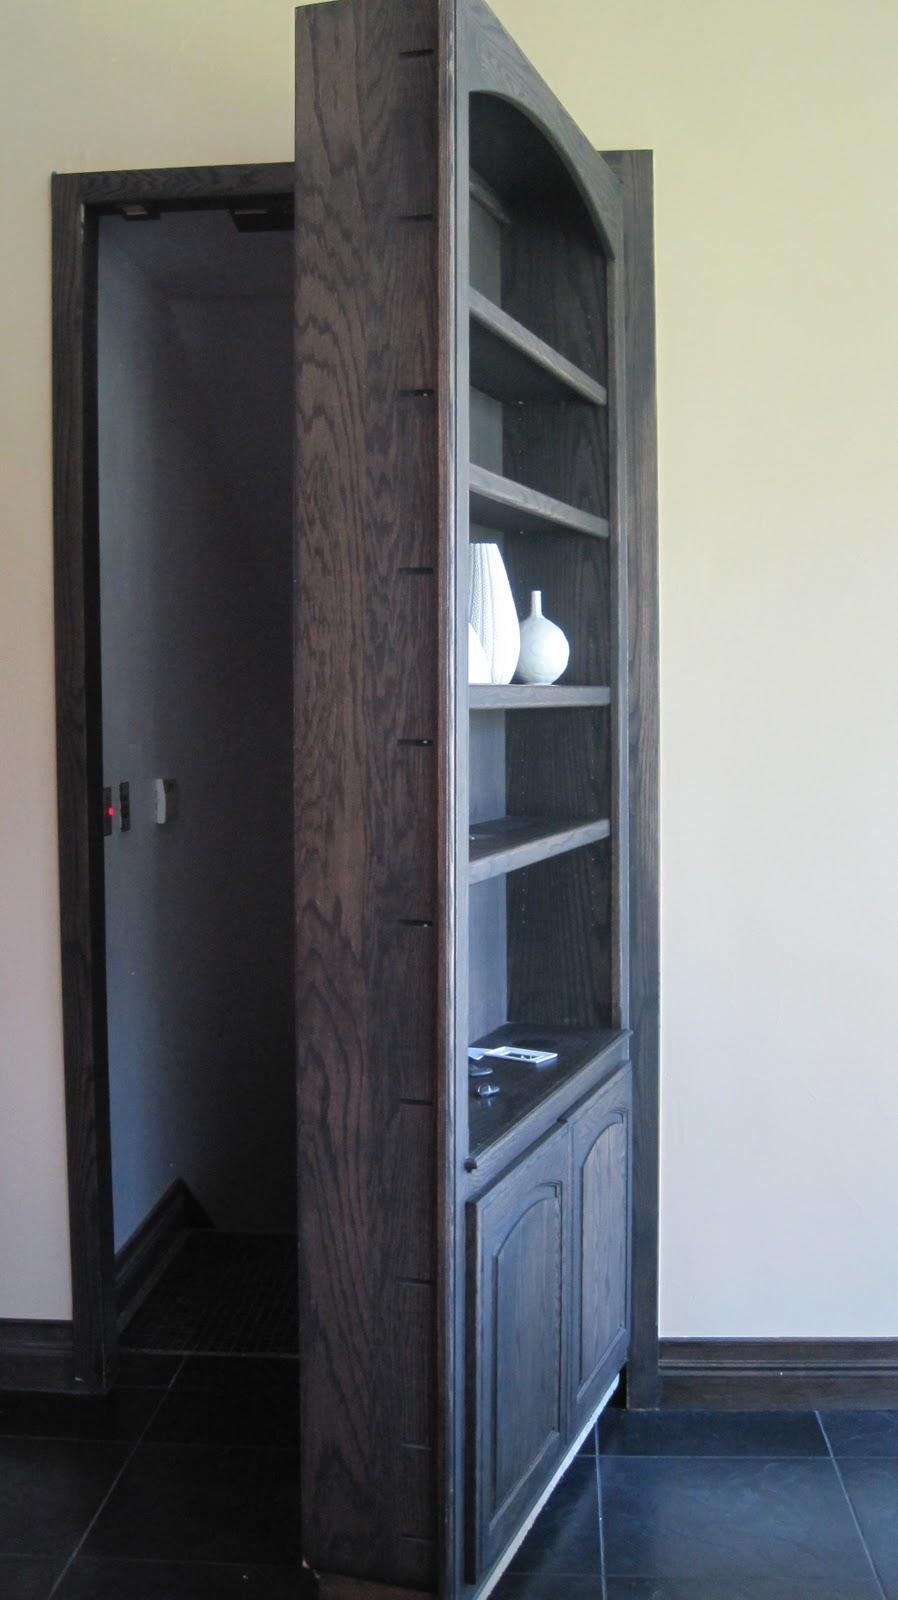 Hidden Door Design Google 搜尋: Art's The Answer!: Where Is The Door?